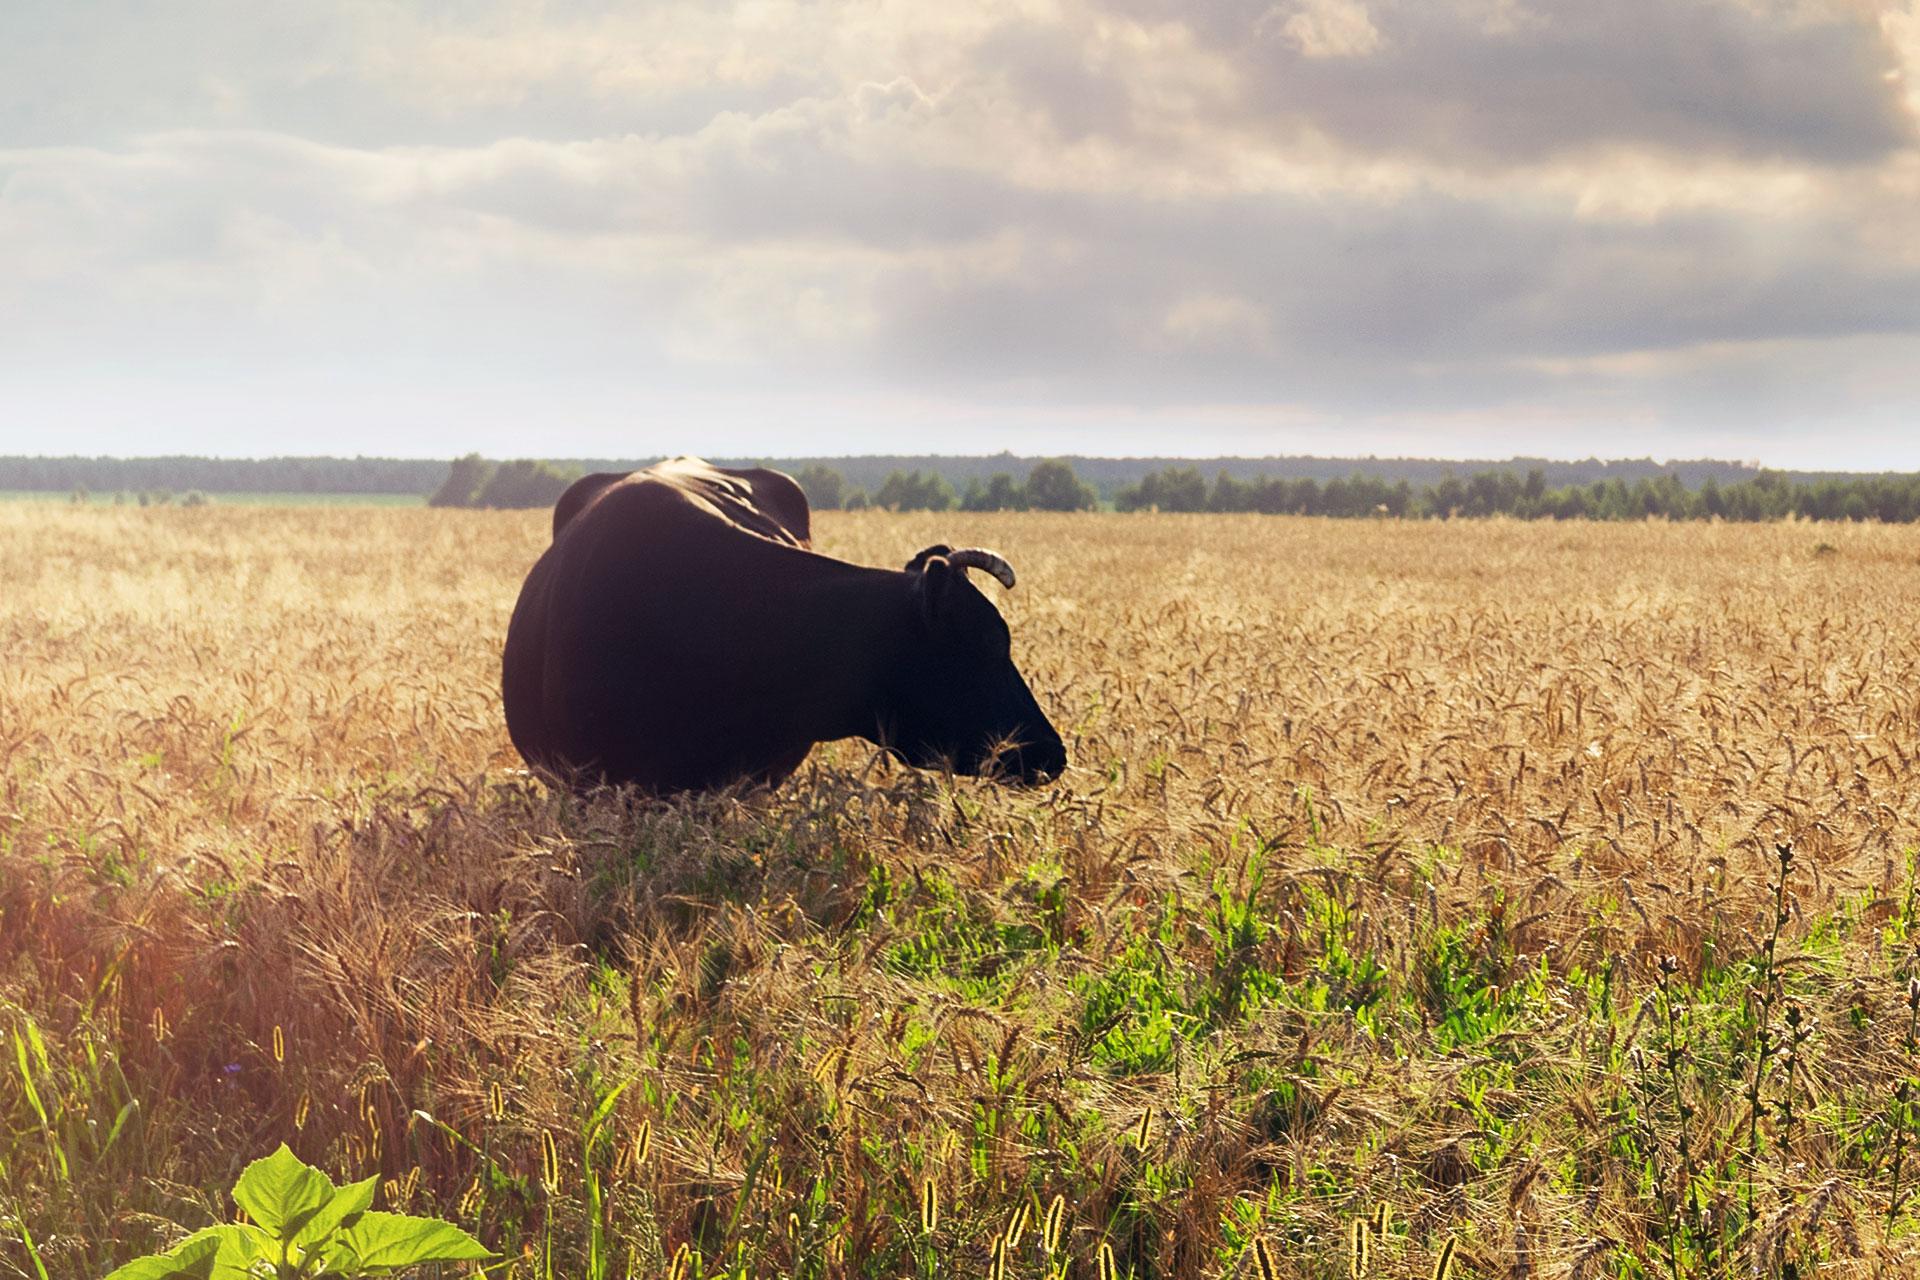 bull in a field of wheat